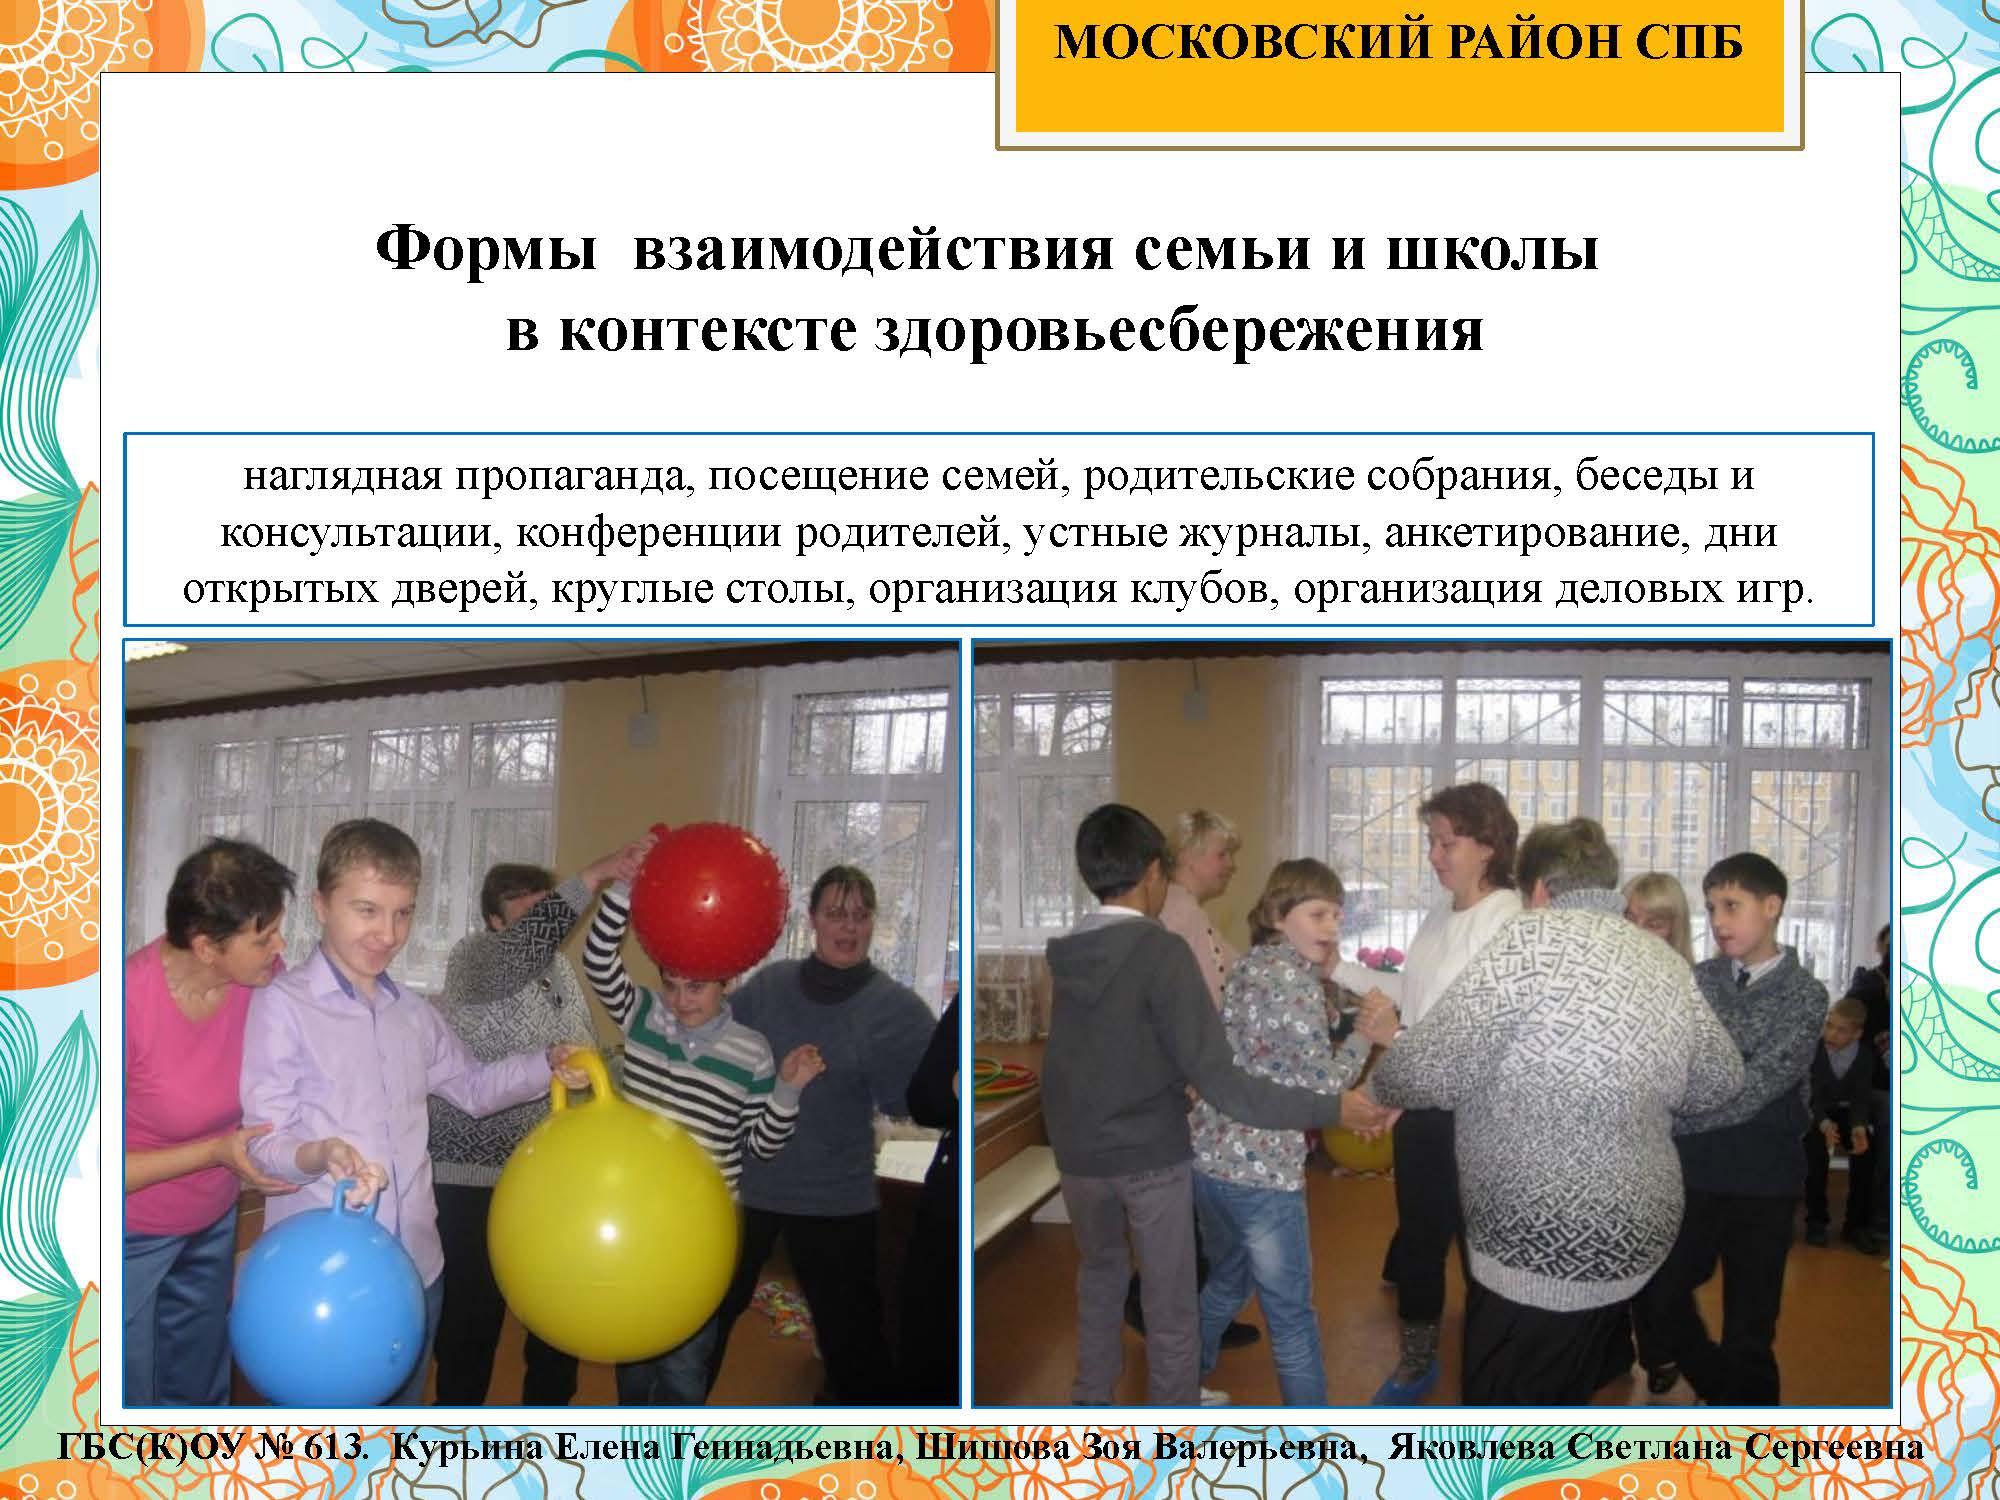 секция 8. ГБС(К)ОУ 613. Московский район_Страница_23